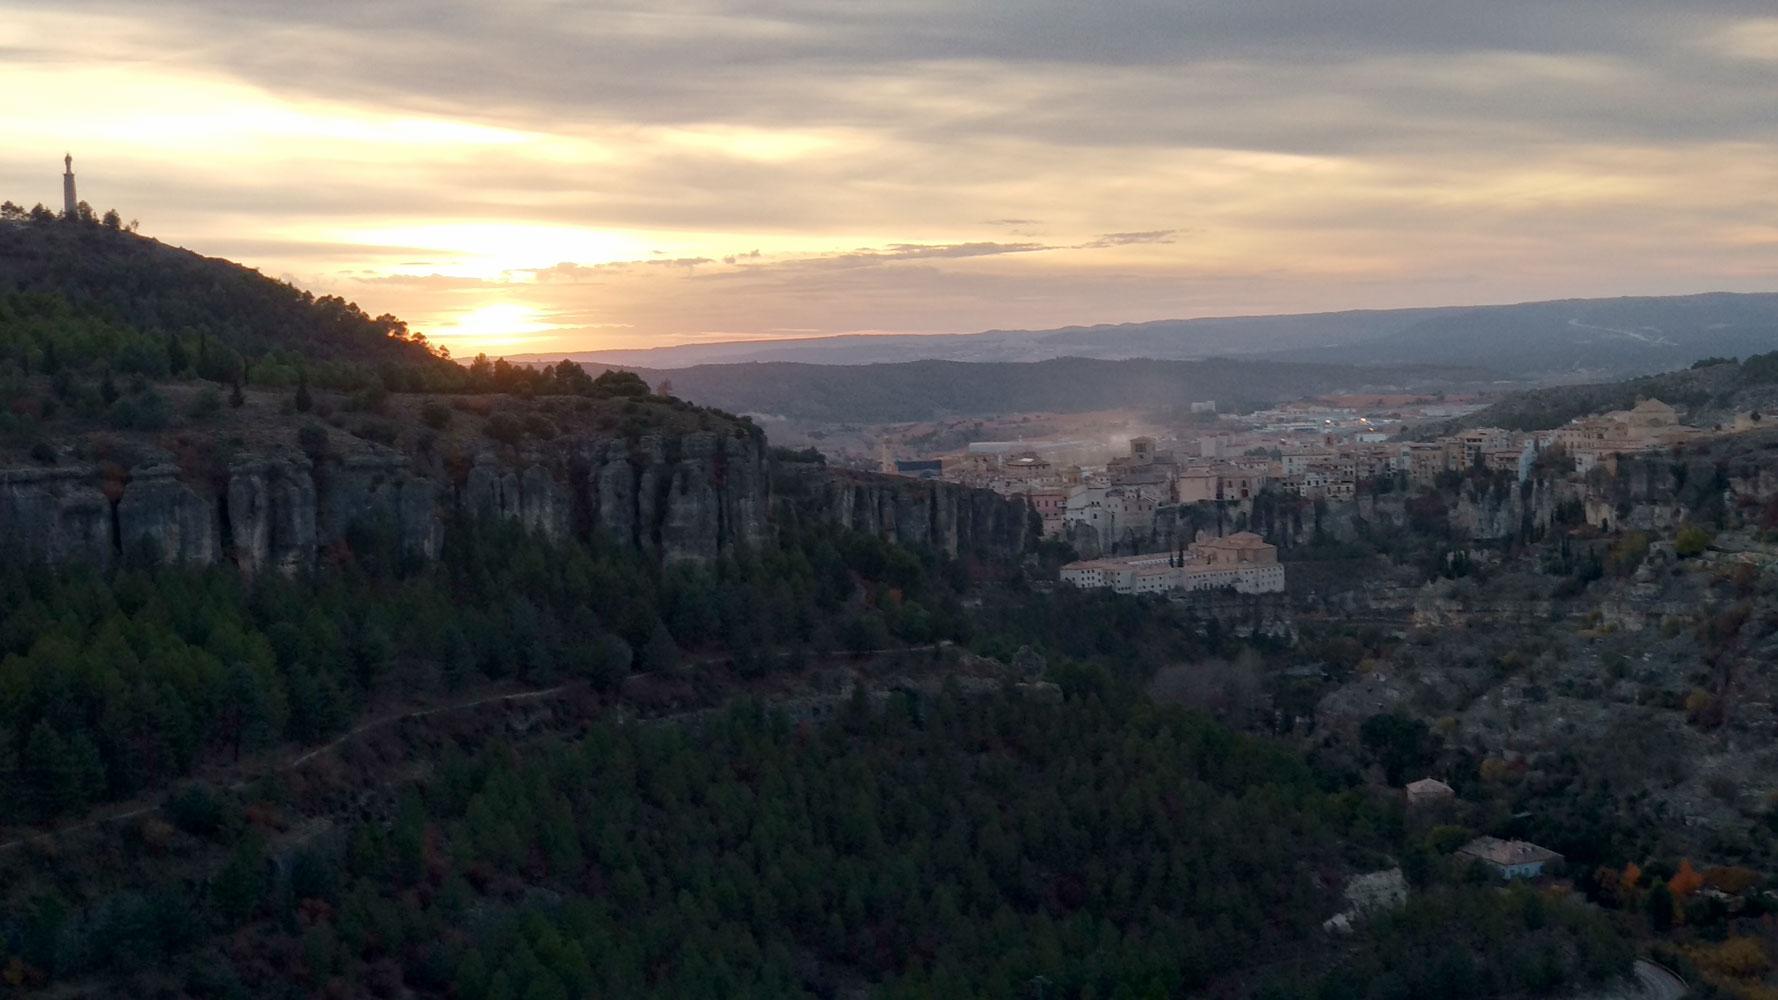 atardecer en cuenca hoz del huecar, maravillas del casco antiguo de Cuenca